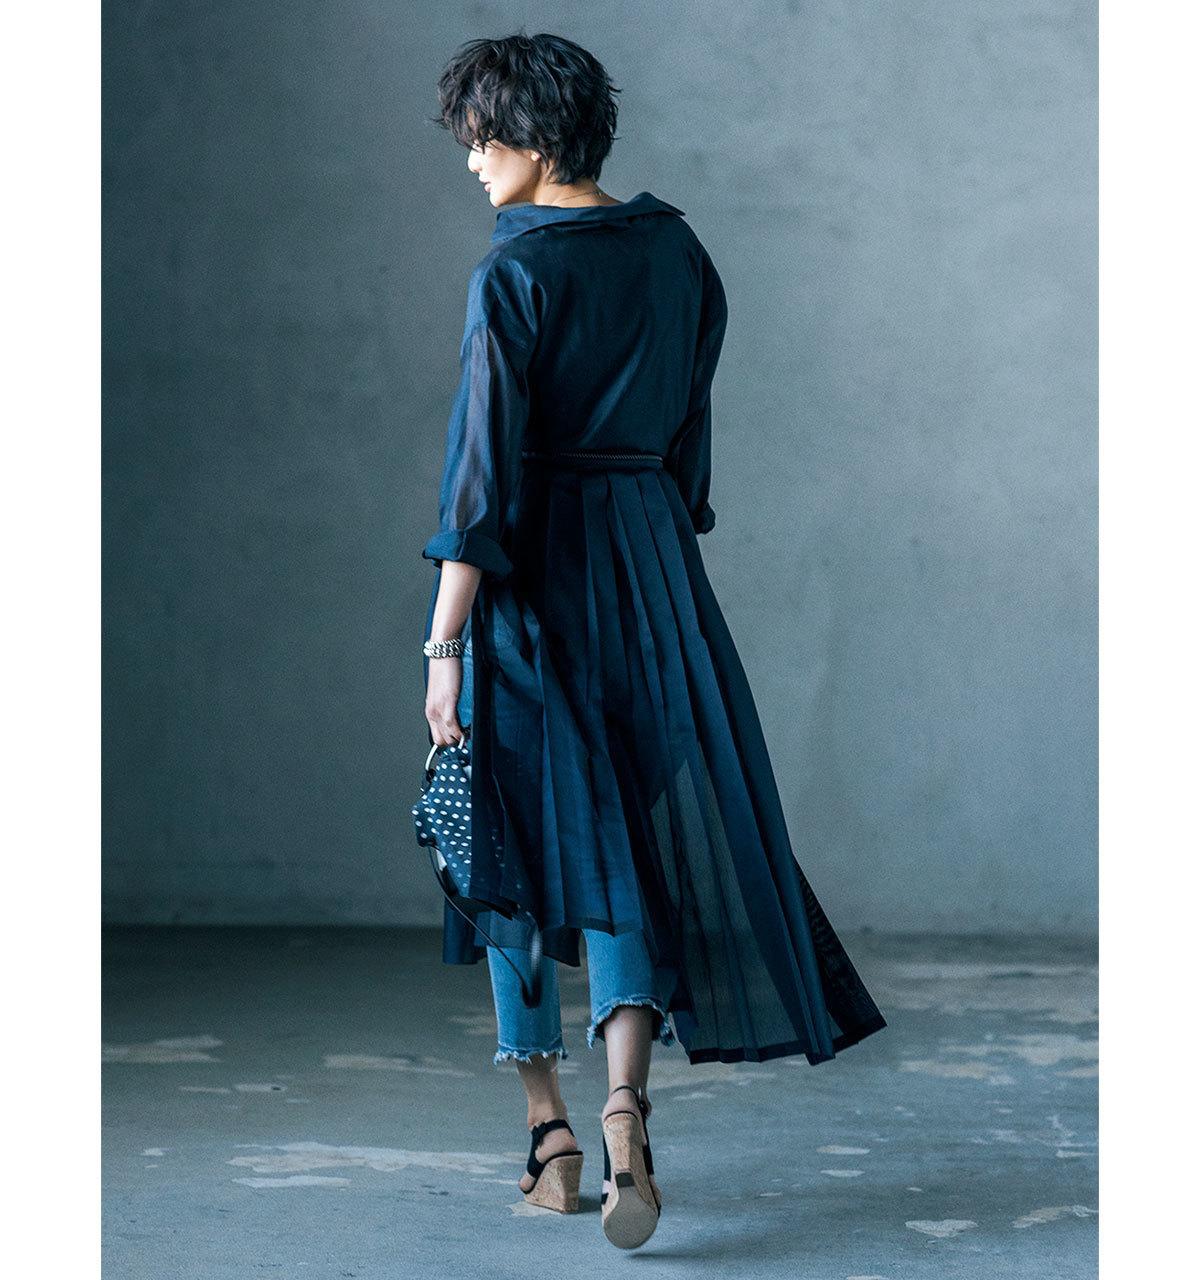 ネイビーのシアーワンピース×デニムパンツのファッションコーデ